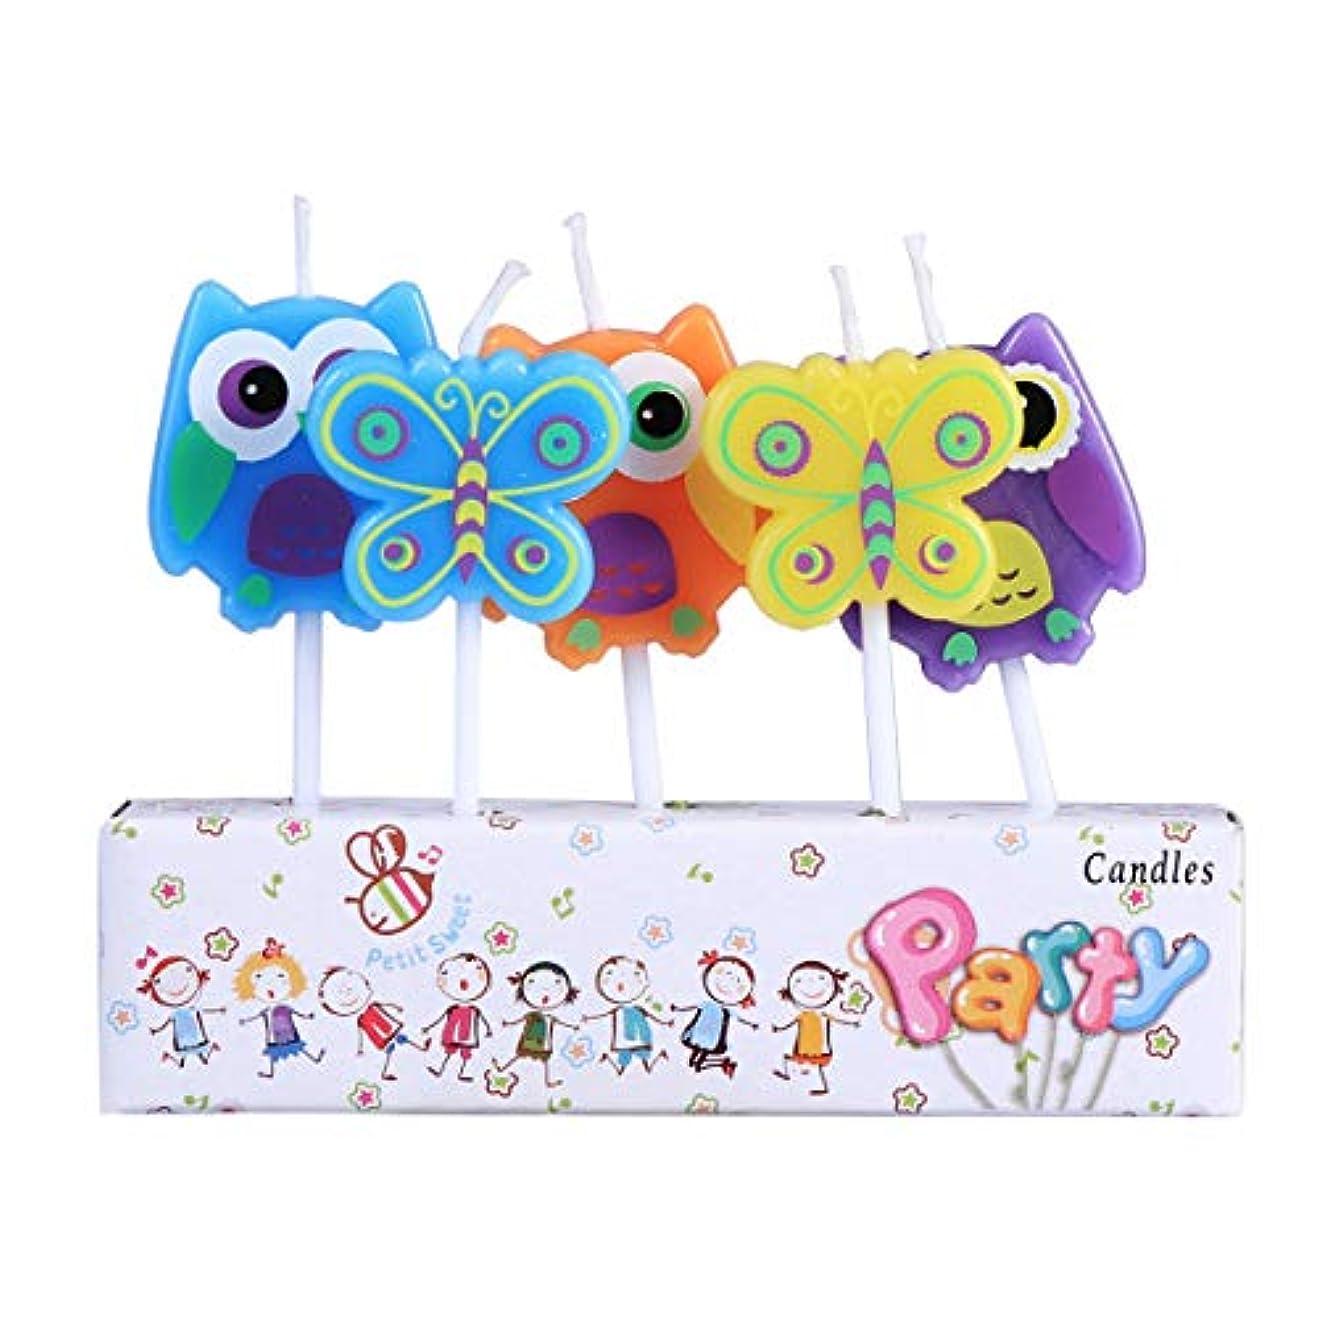 観察する口述抹消BESTOYARD 子供の誕生日の装飾のための5本の動物の誕生日ケーキのろうそく(フクロウ蝶形)